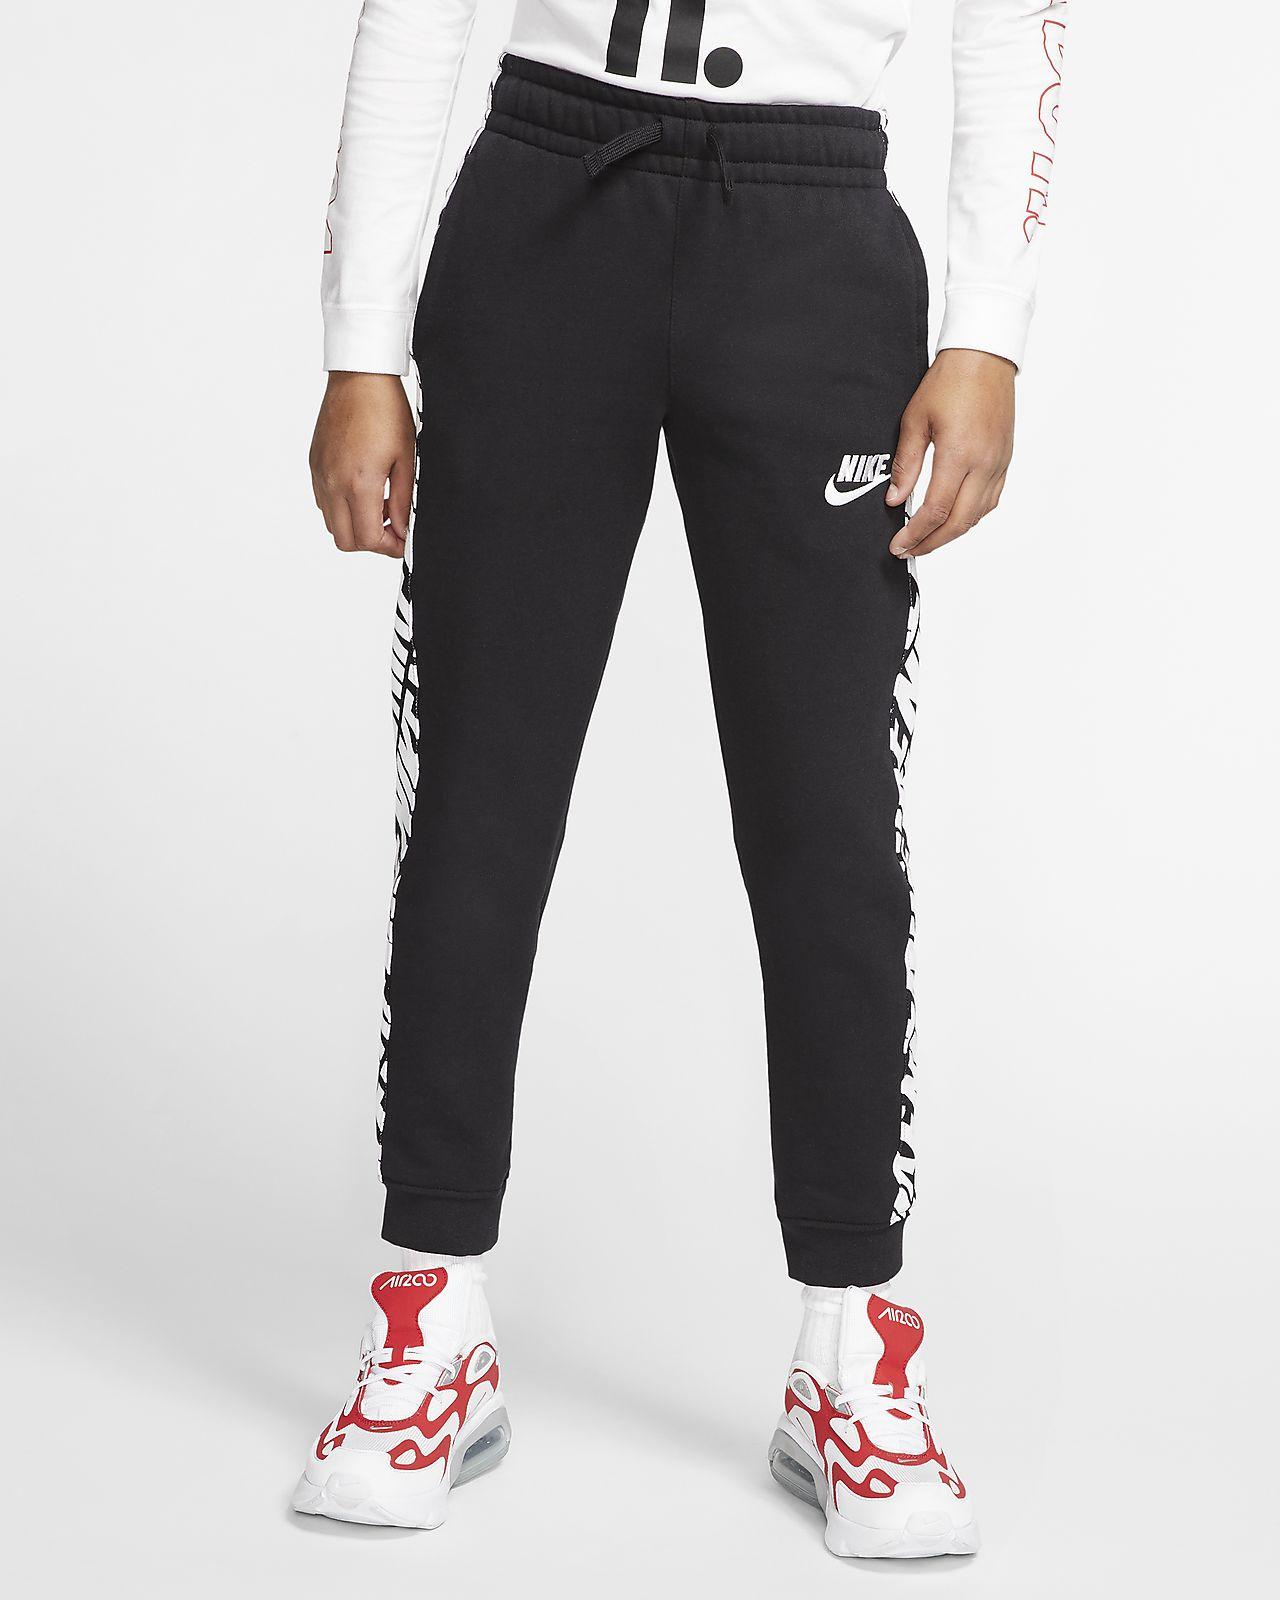 Nike Sportswear French-Terry-Hose für ältere Kinder (Jungen)